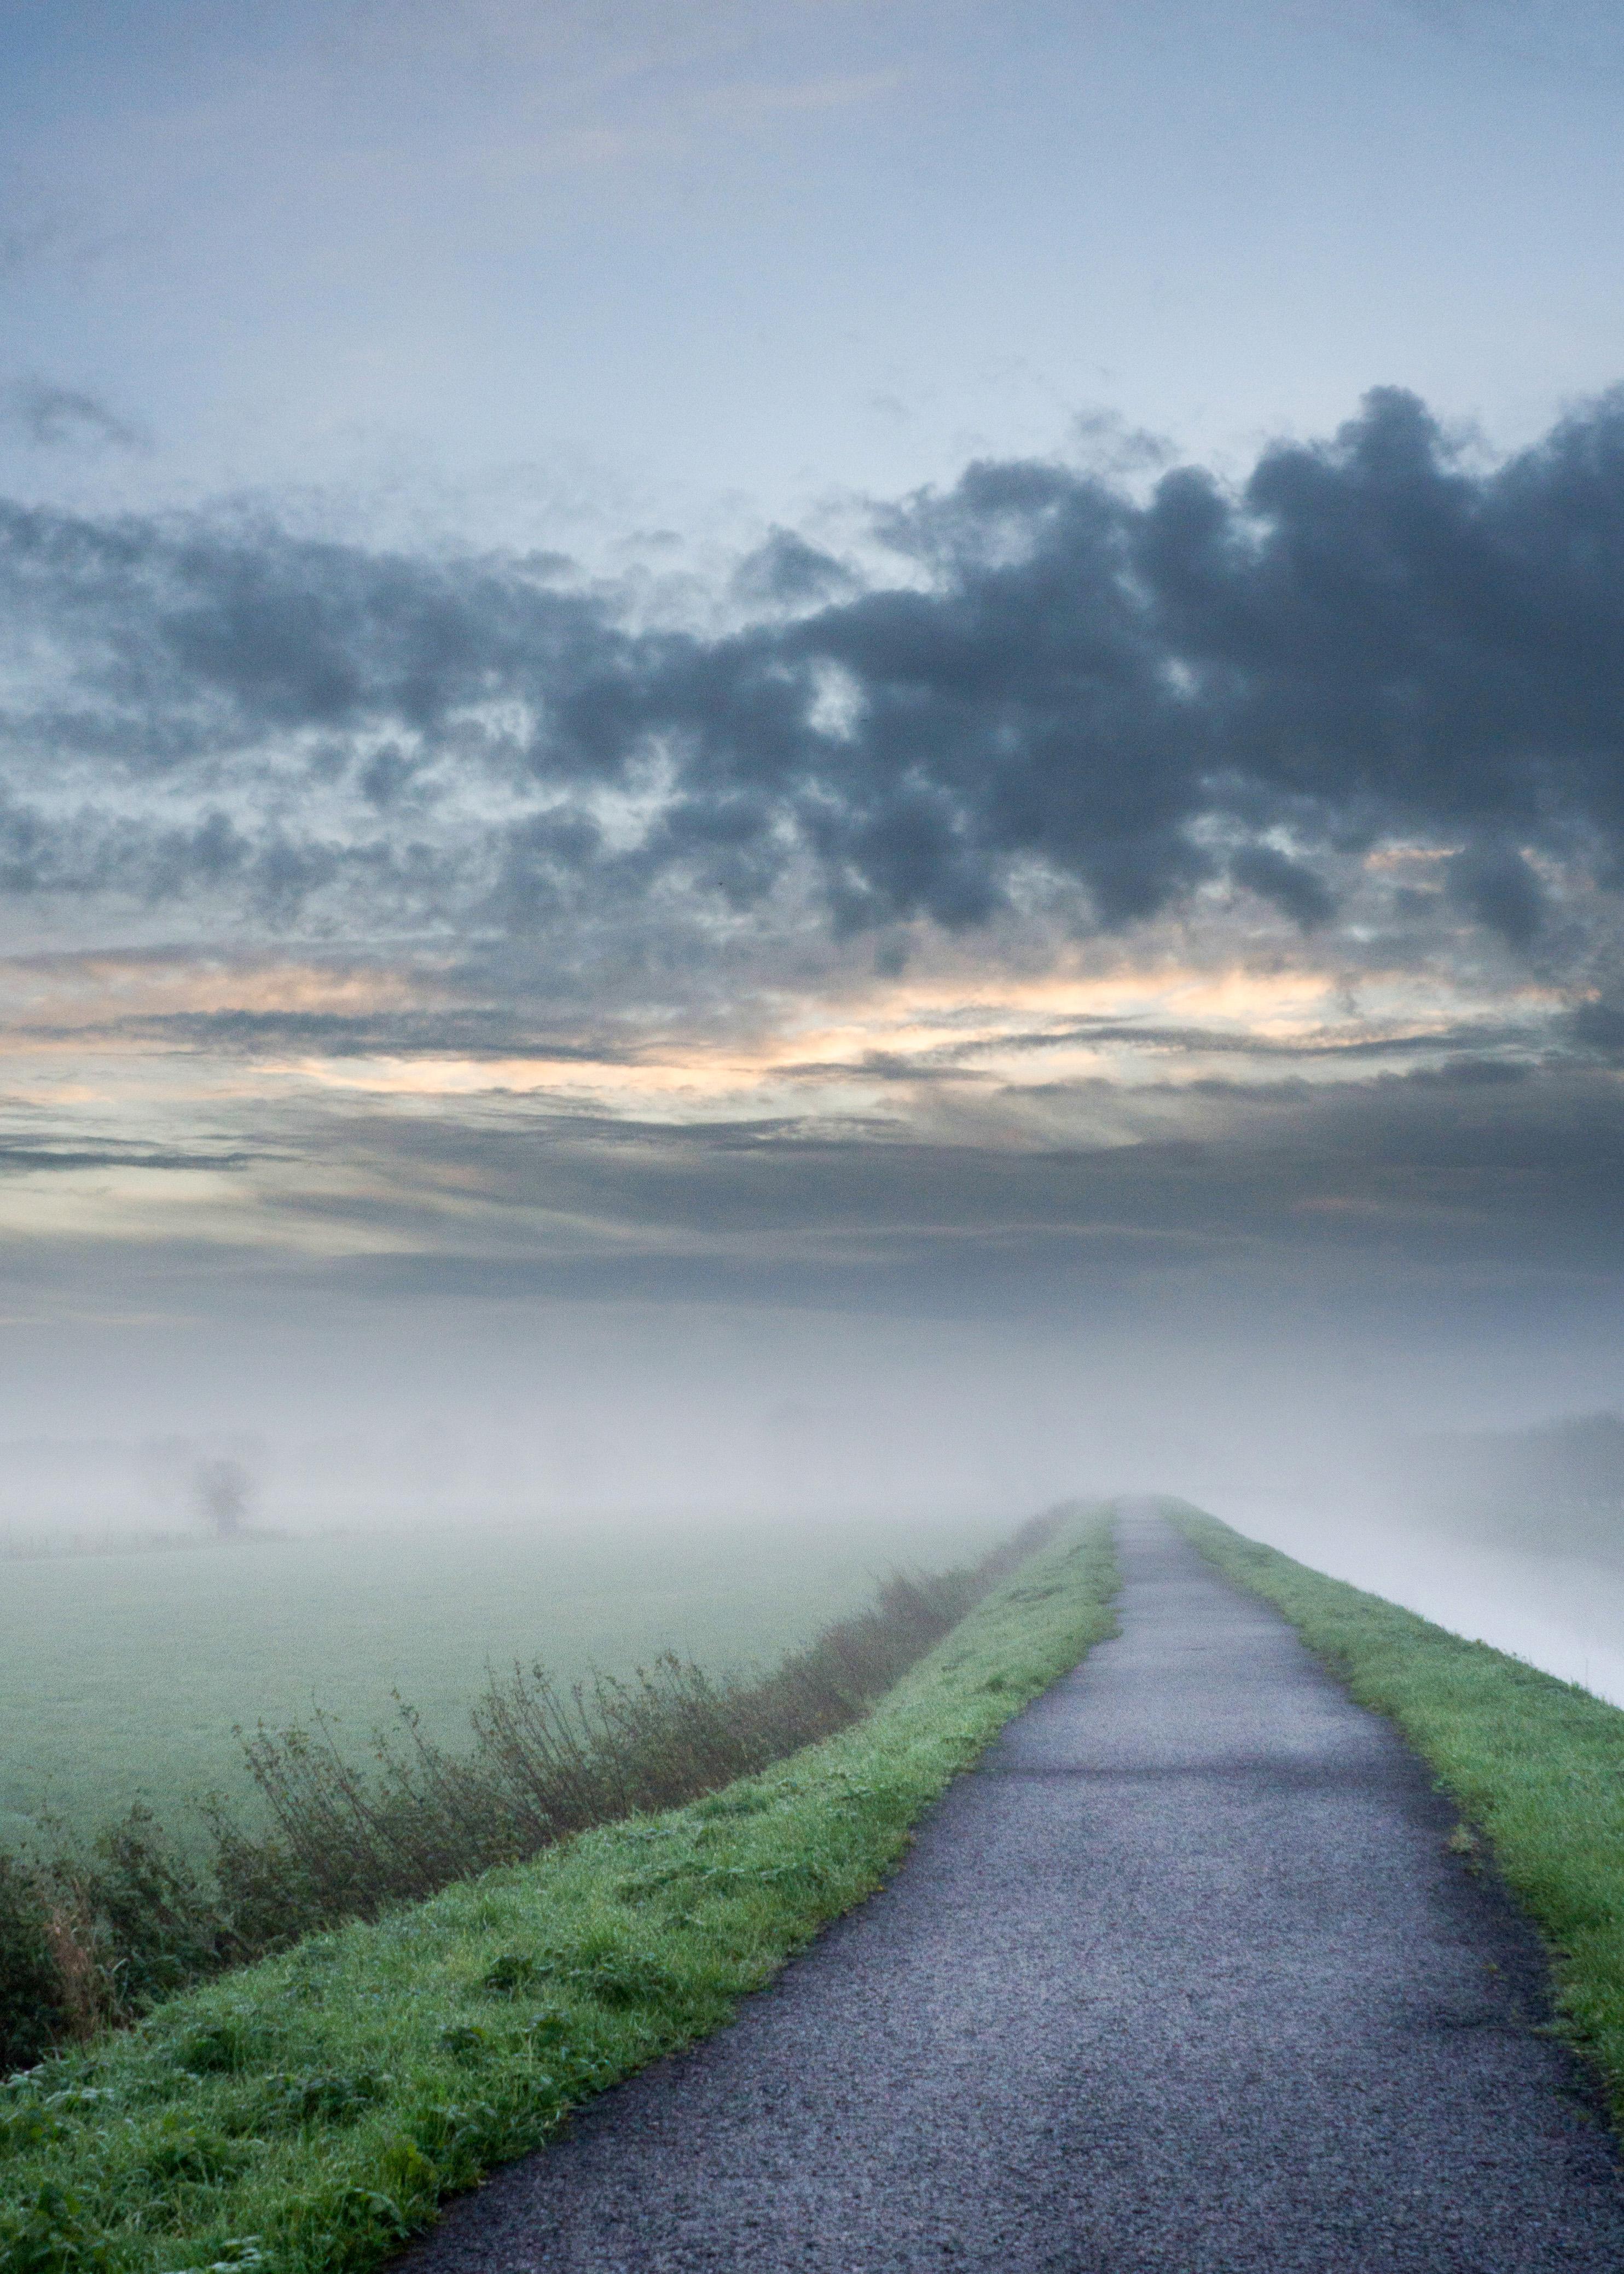 Foggy Path Landscape Image Free Stock Photo Public